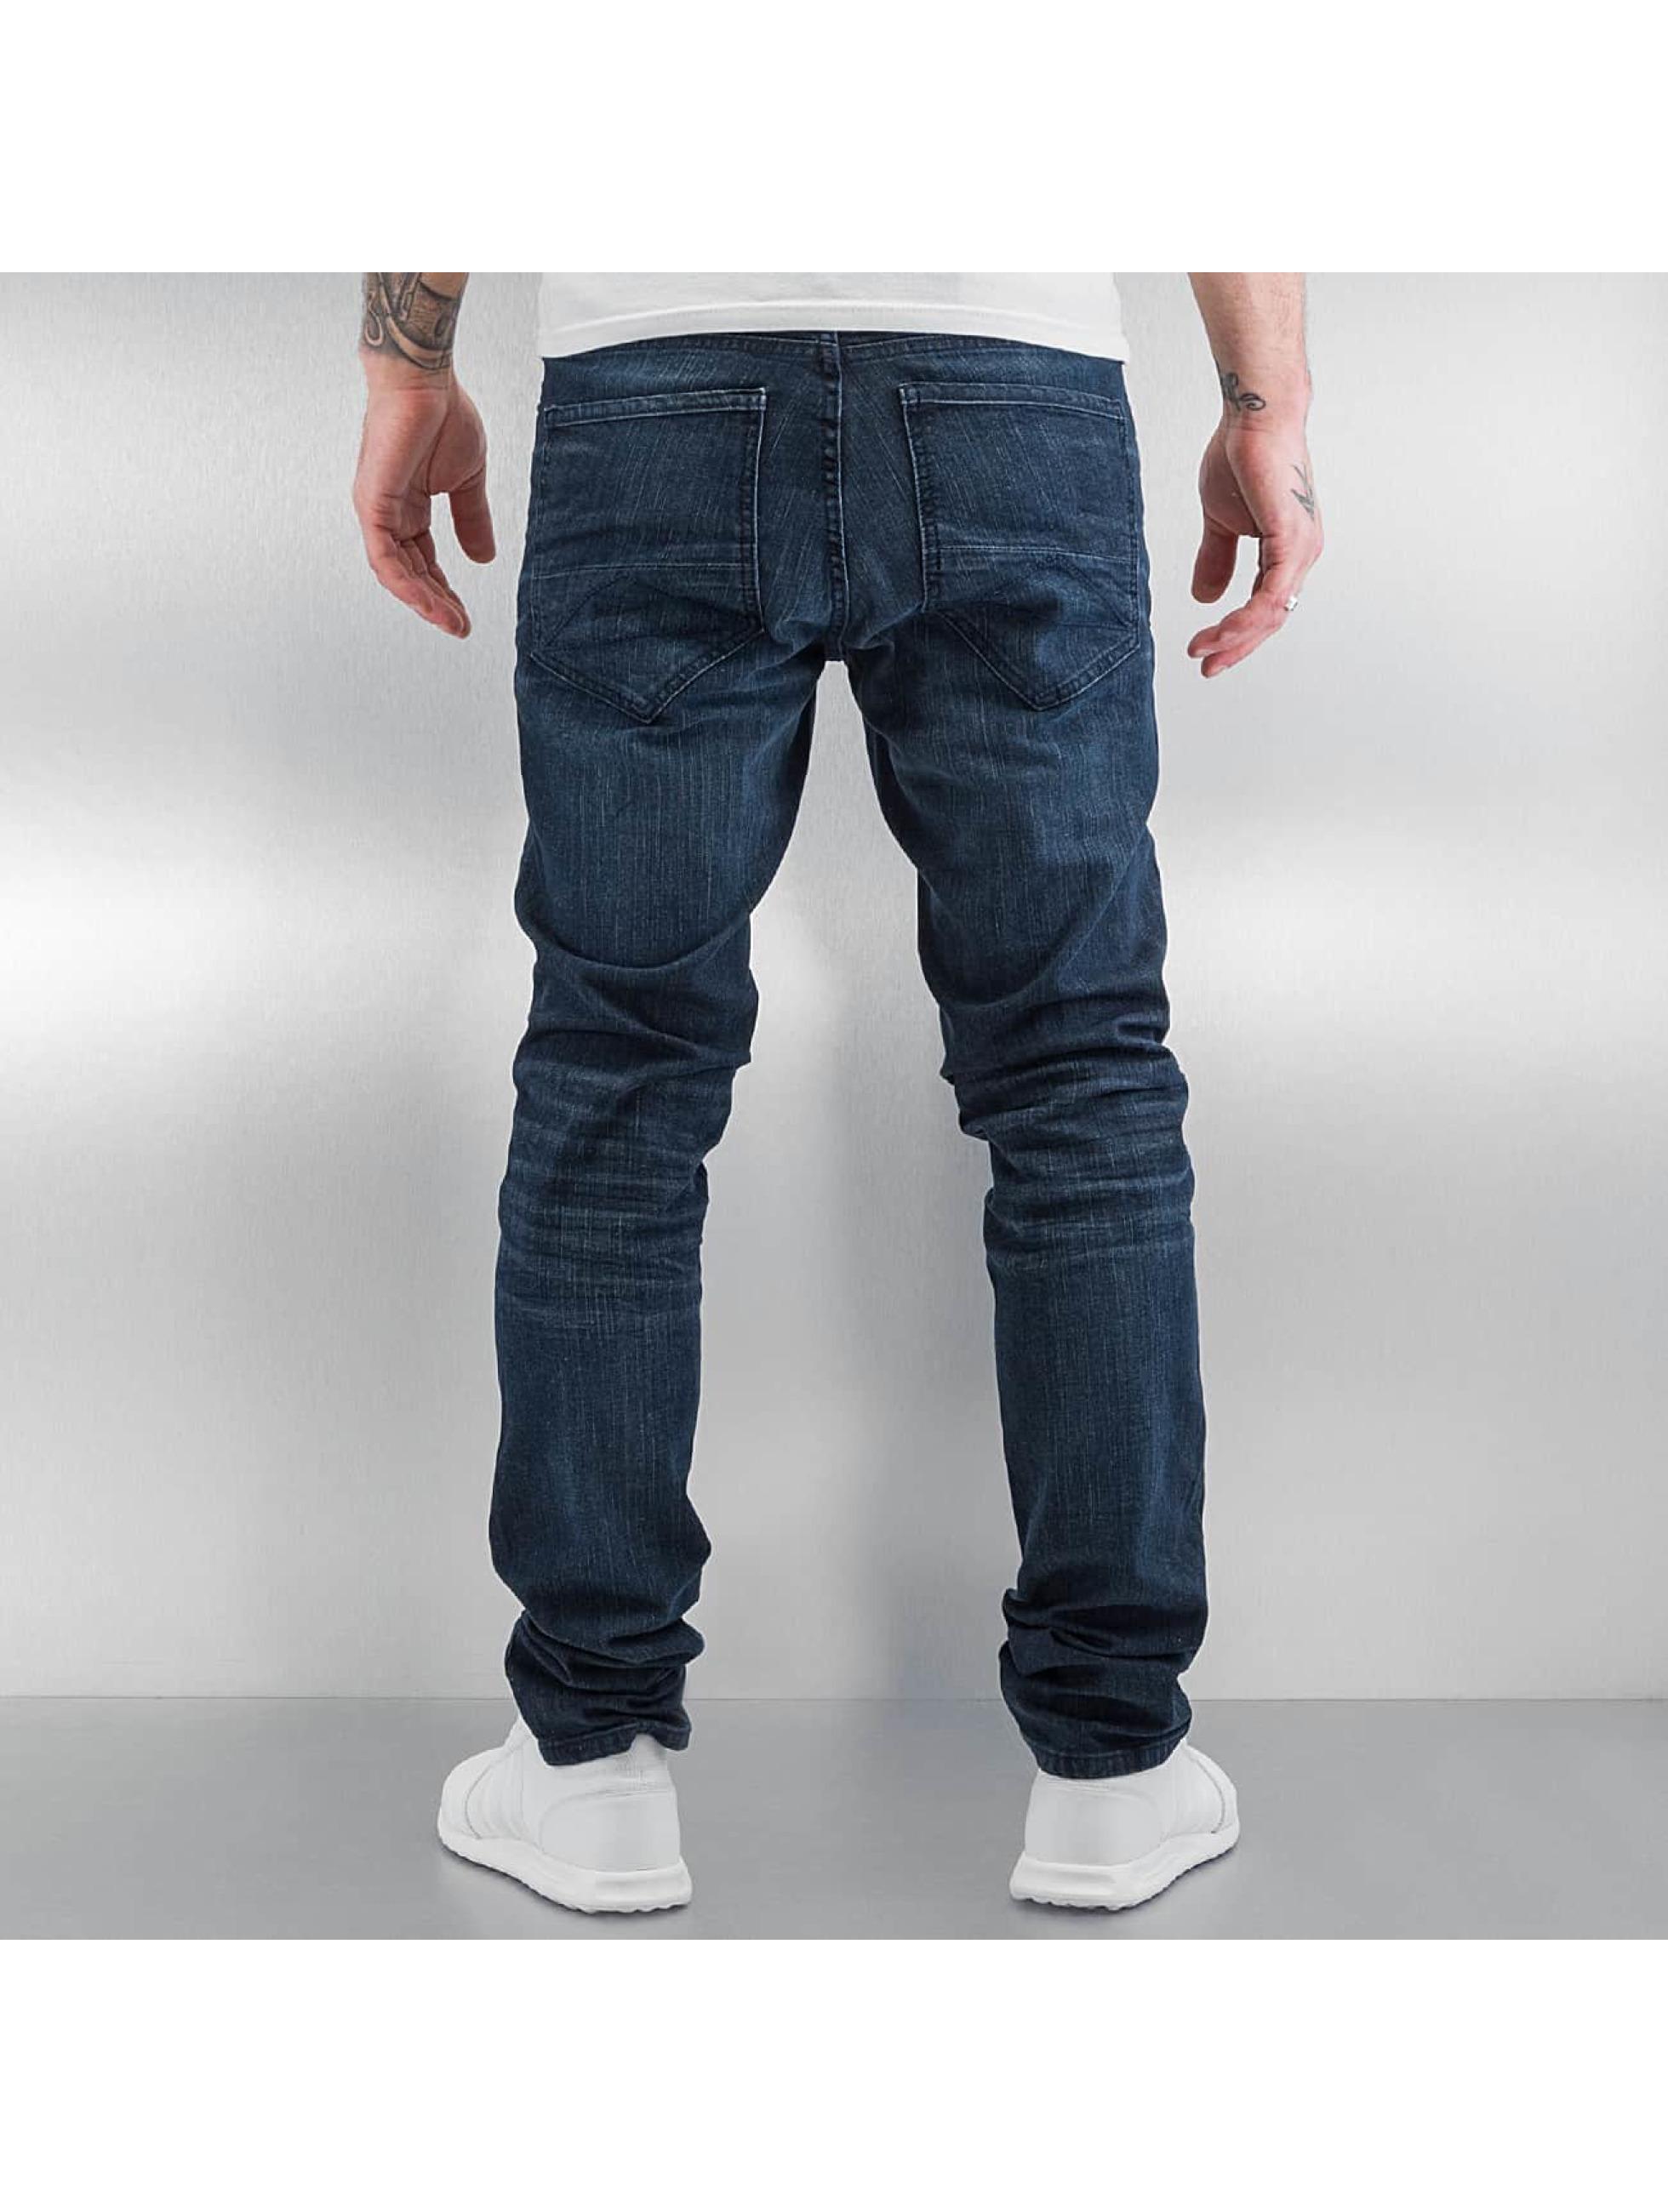 Amsterdenim Skinny jeans Wash blauw